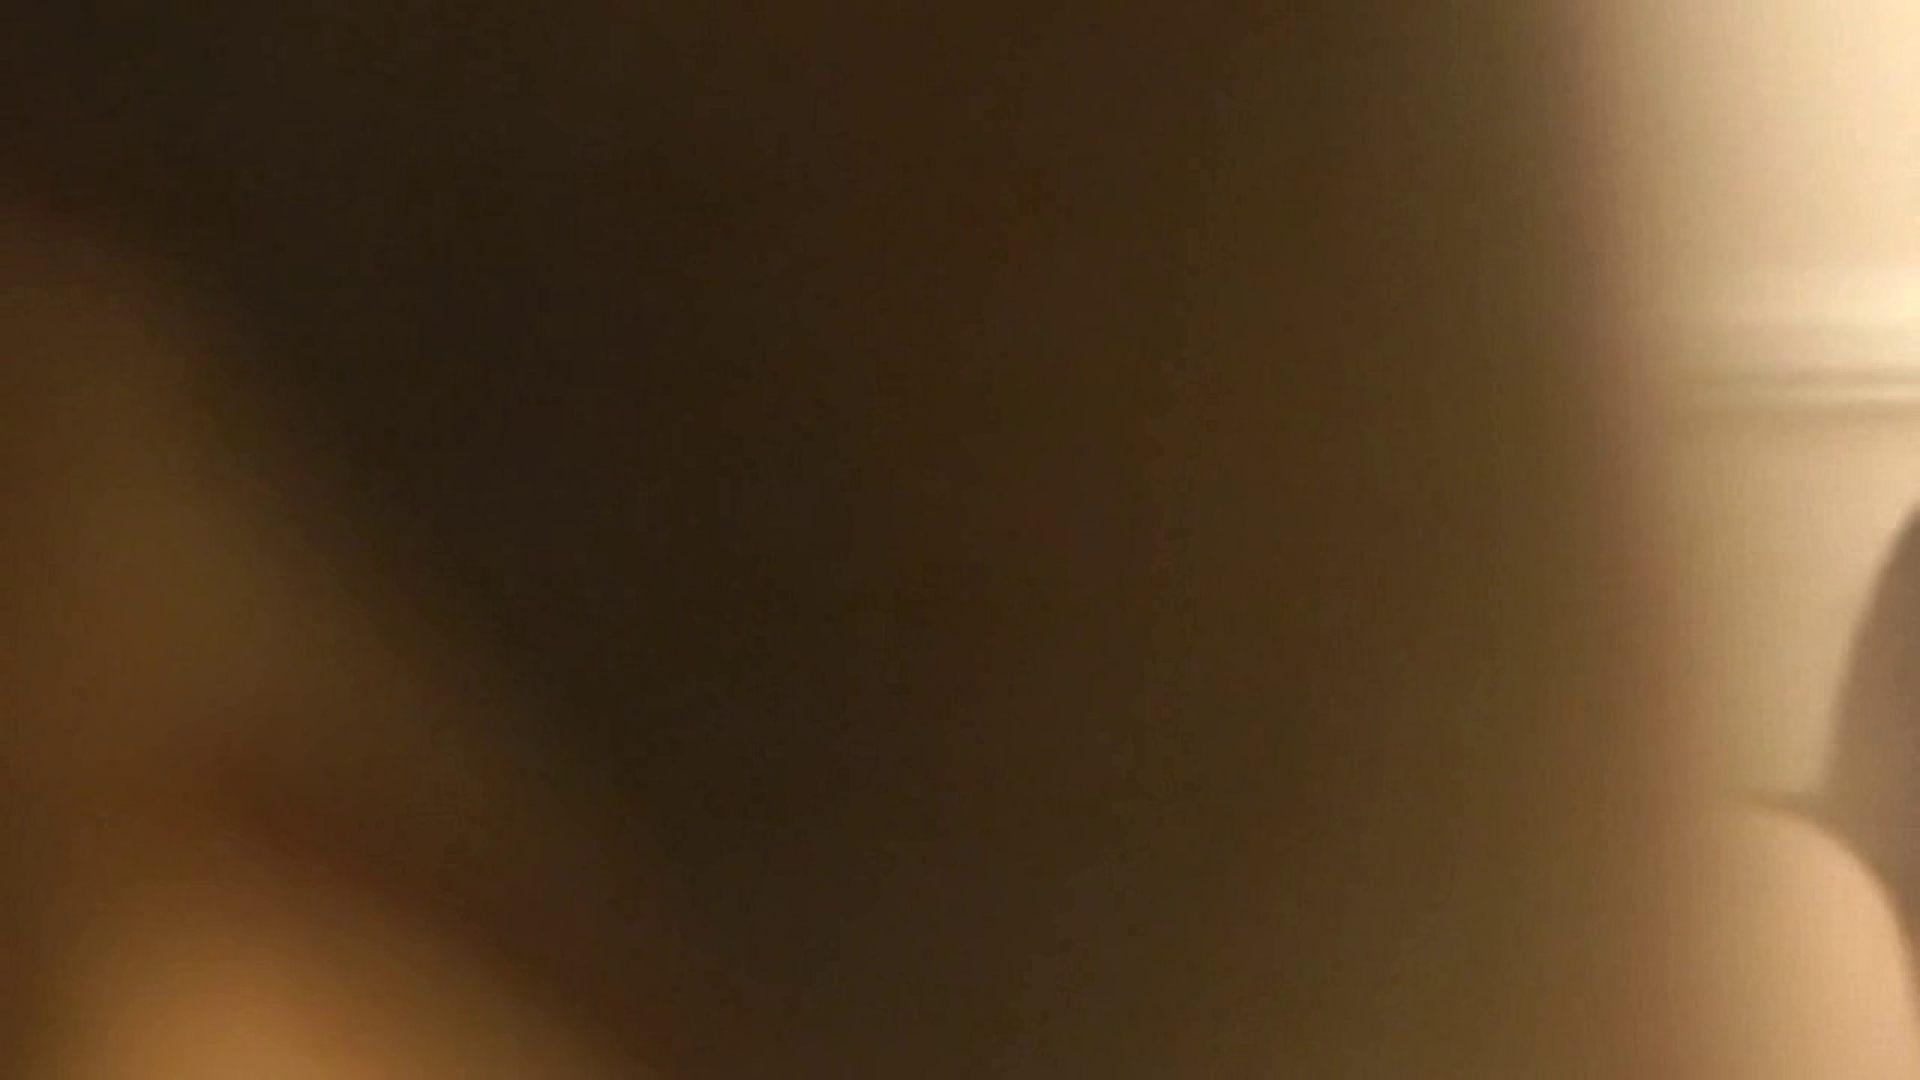 vol.1 Mayumi 窓越しに入浴シーン撮影に成功 いやらしいOL | 0  60連発 28